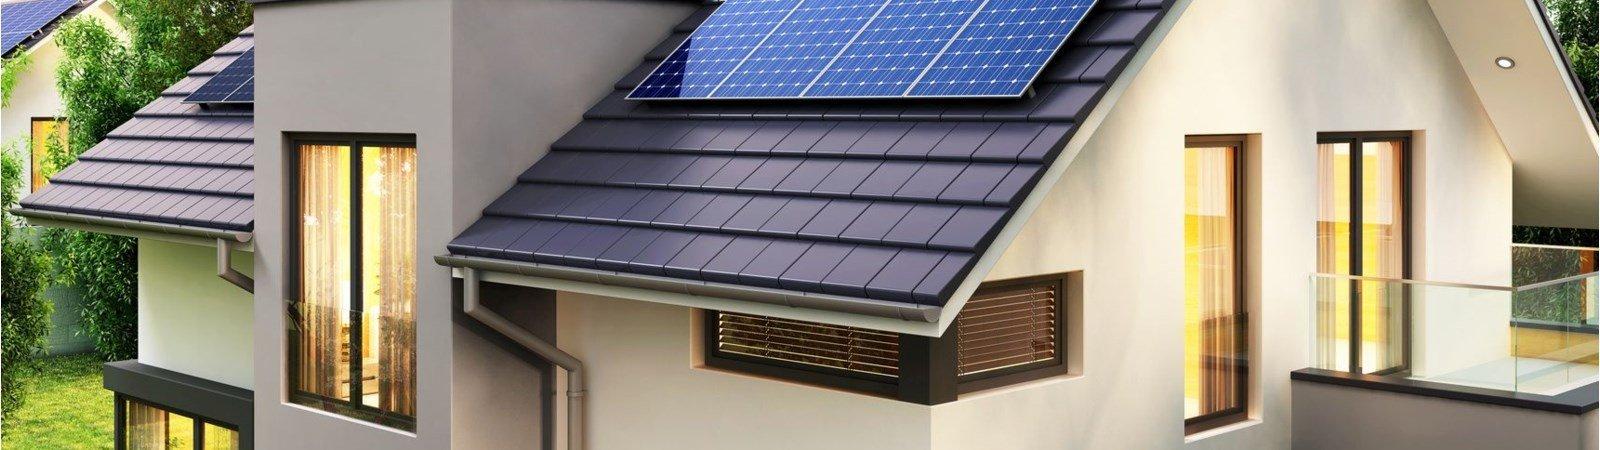 Energieeffizientes Bauen: Energetische Modernisierung und Sanierung